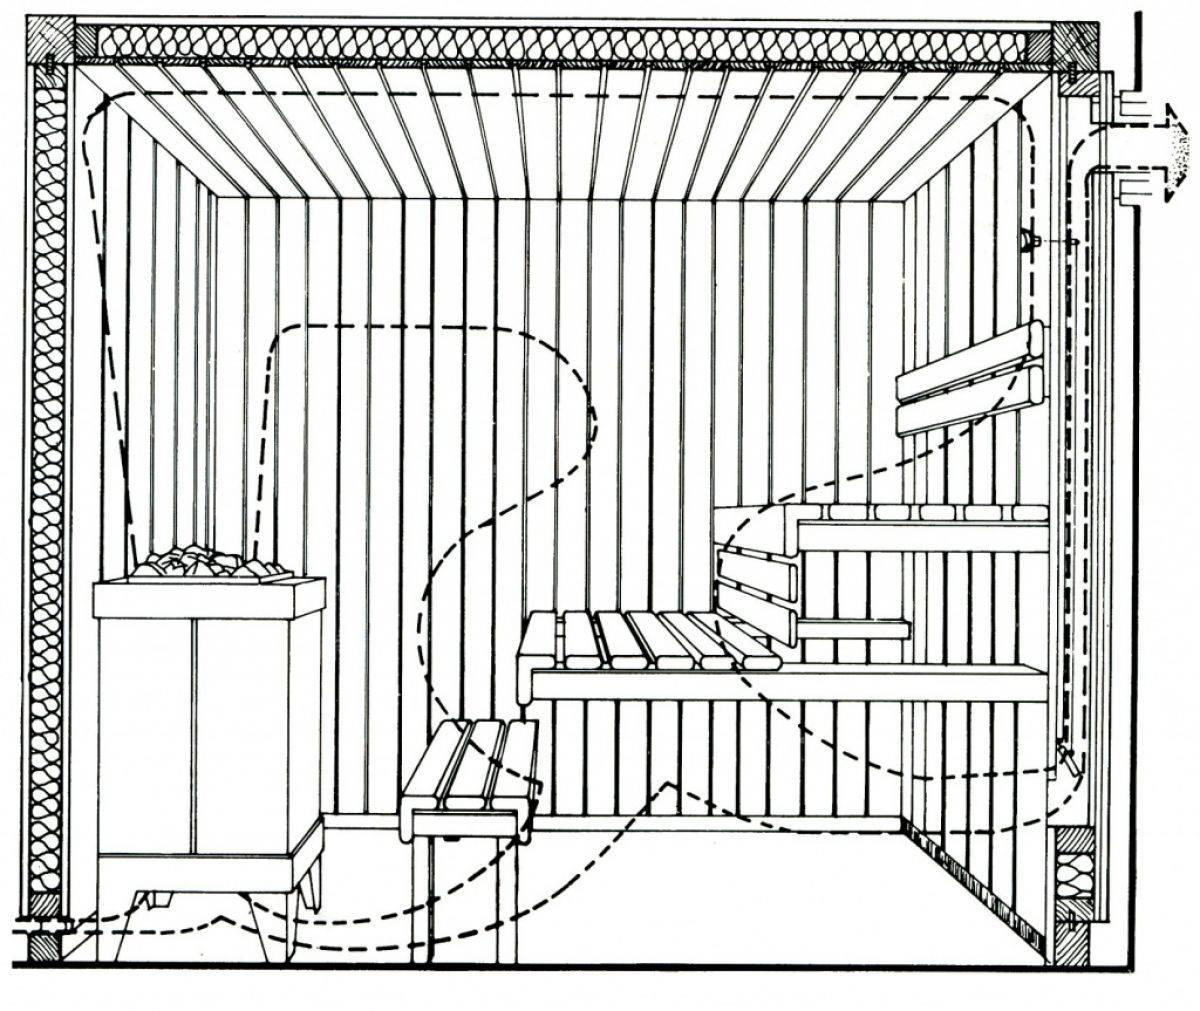 Как правильно сделать вентиляцию и вытяжку в бане своими руками, схема, расчет, монтаж